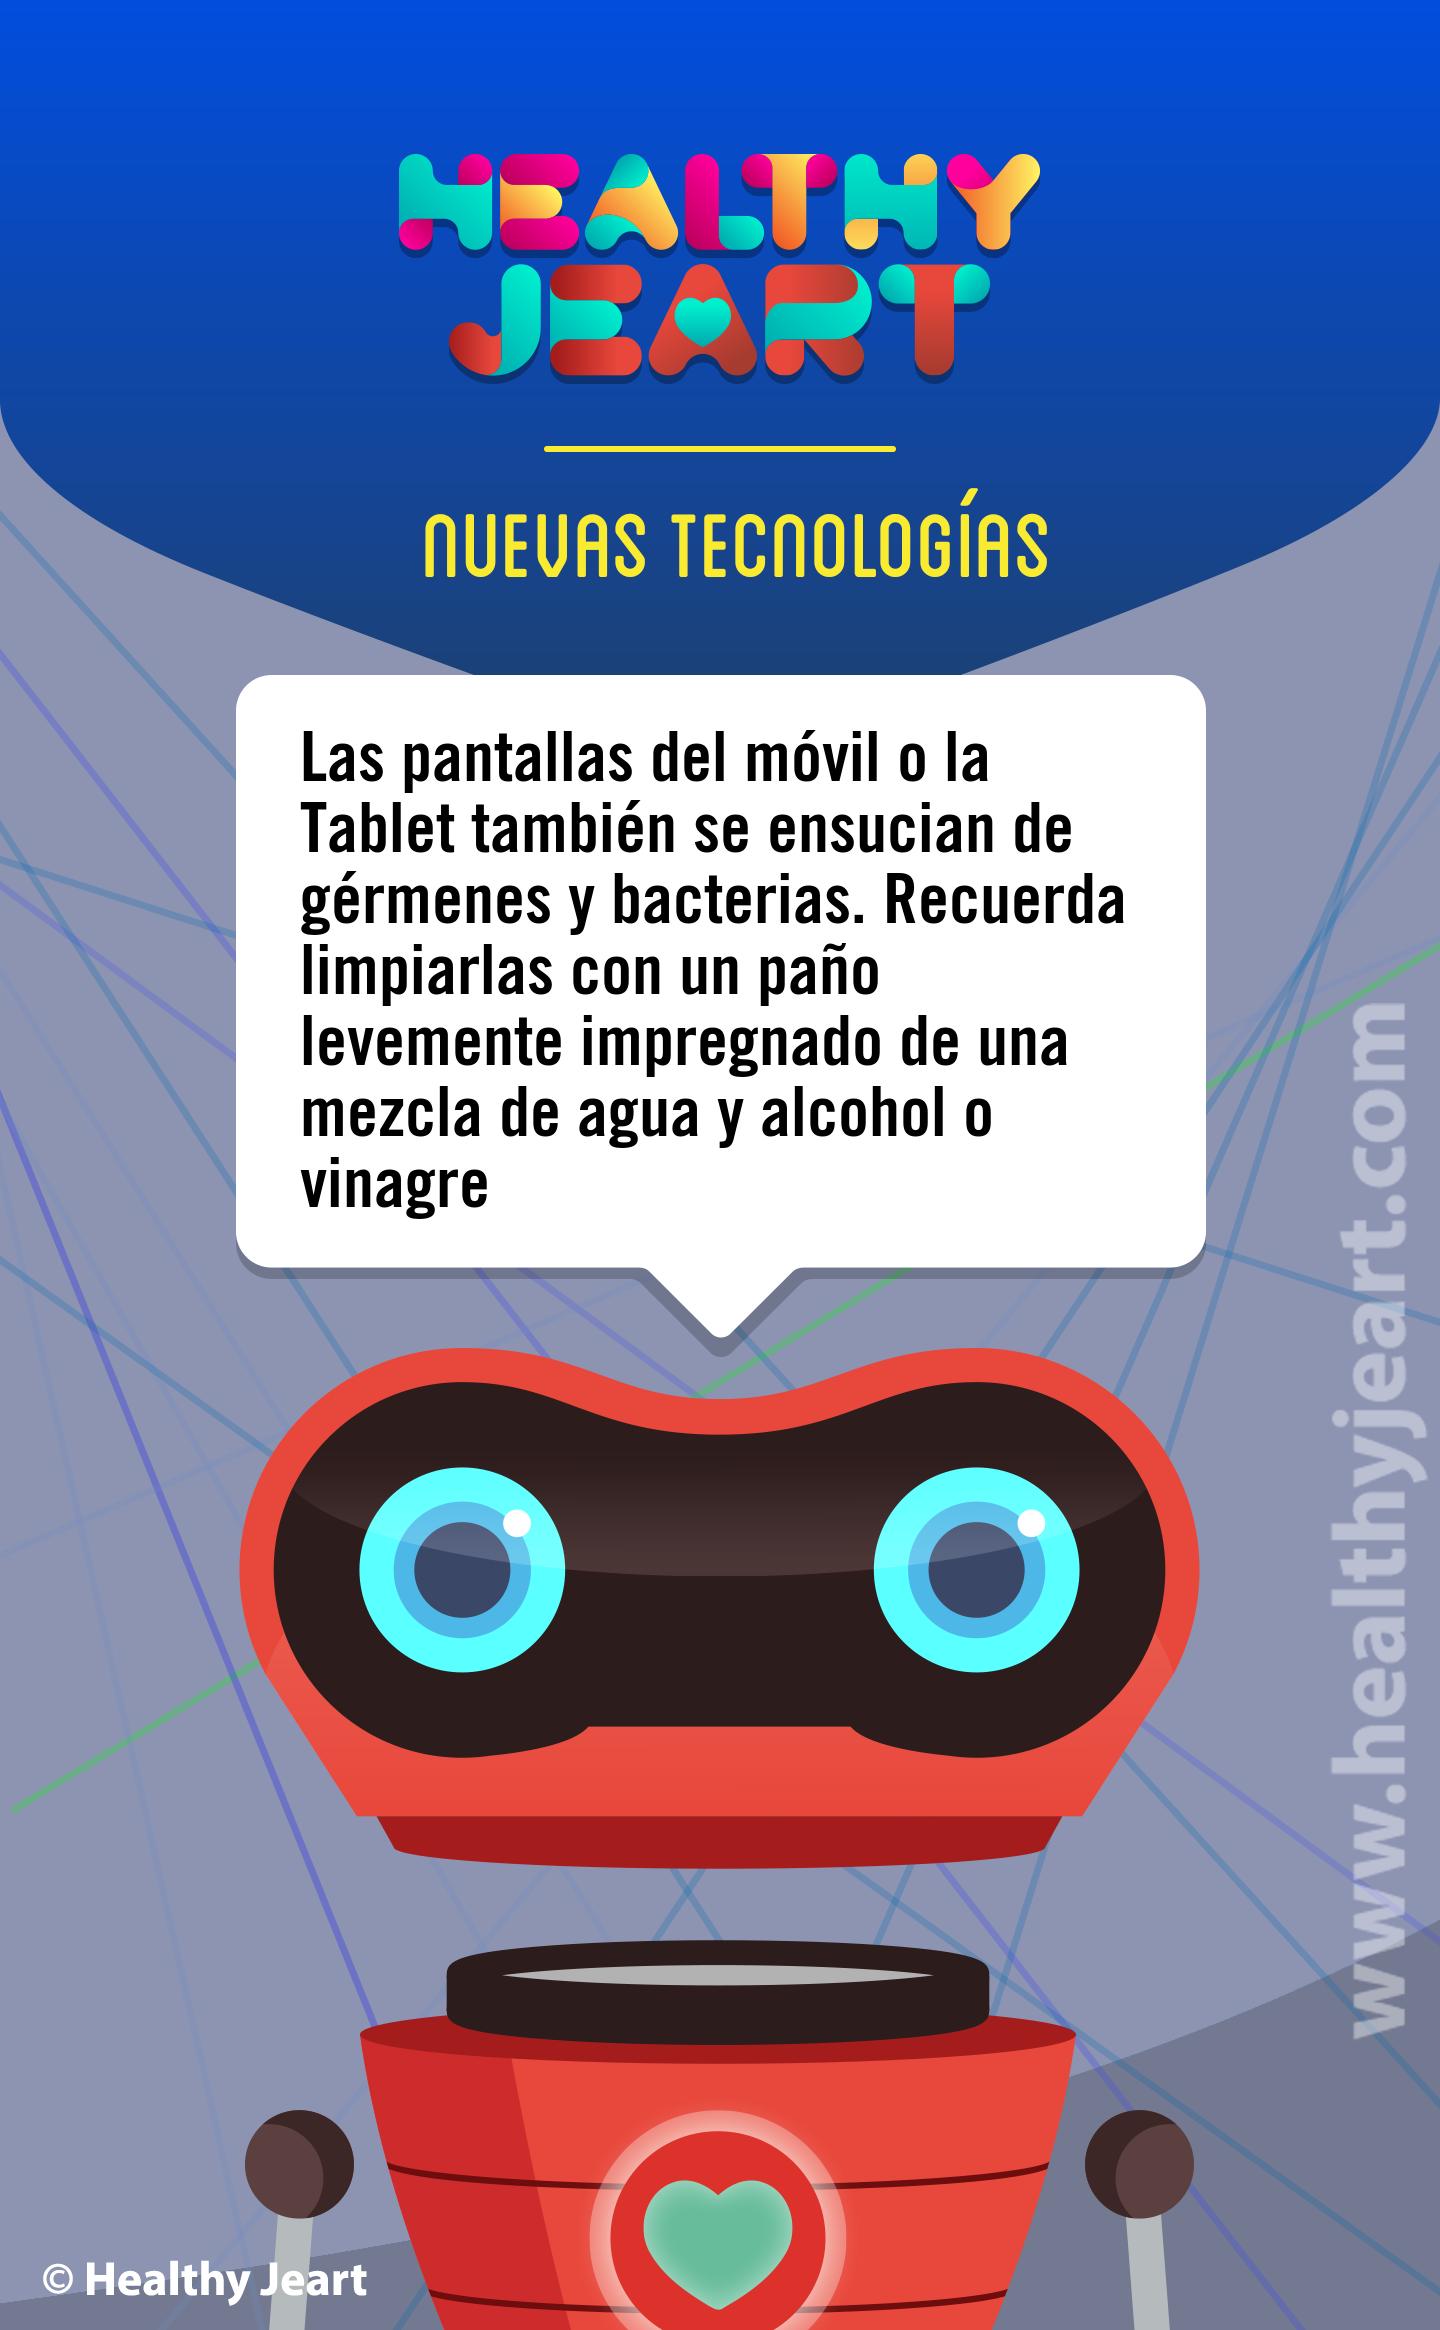 Las pantallas del móvil o la Tablet también se ensucian de gérmenes y bacterias. Recuerda limpiarlas con un paño levemente impregnado de una mezcla de agua y alcohol o vinagre